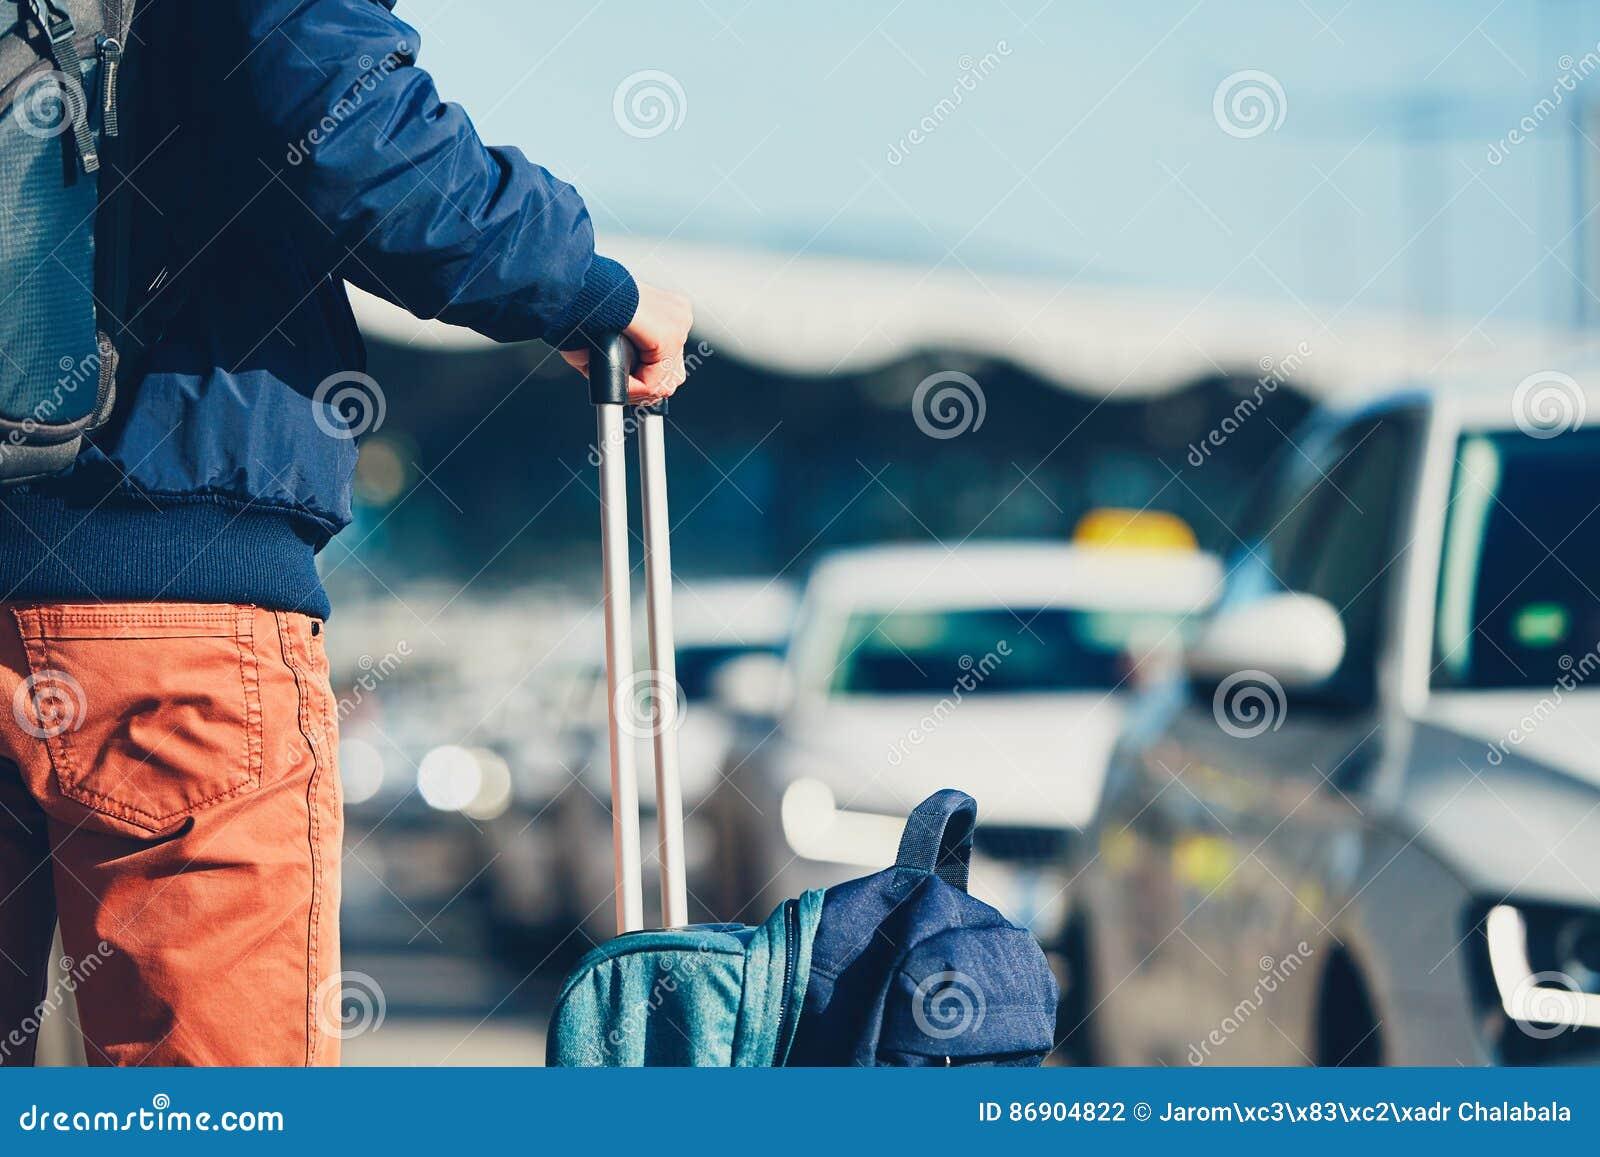 Le passager attend le taxi